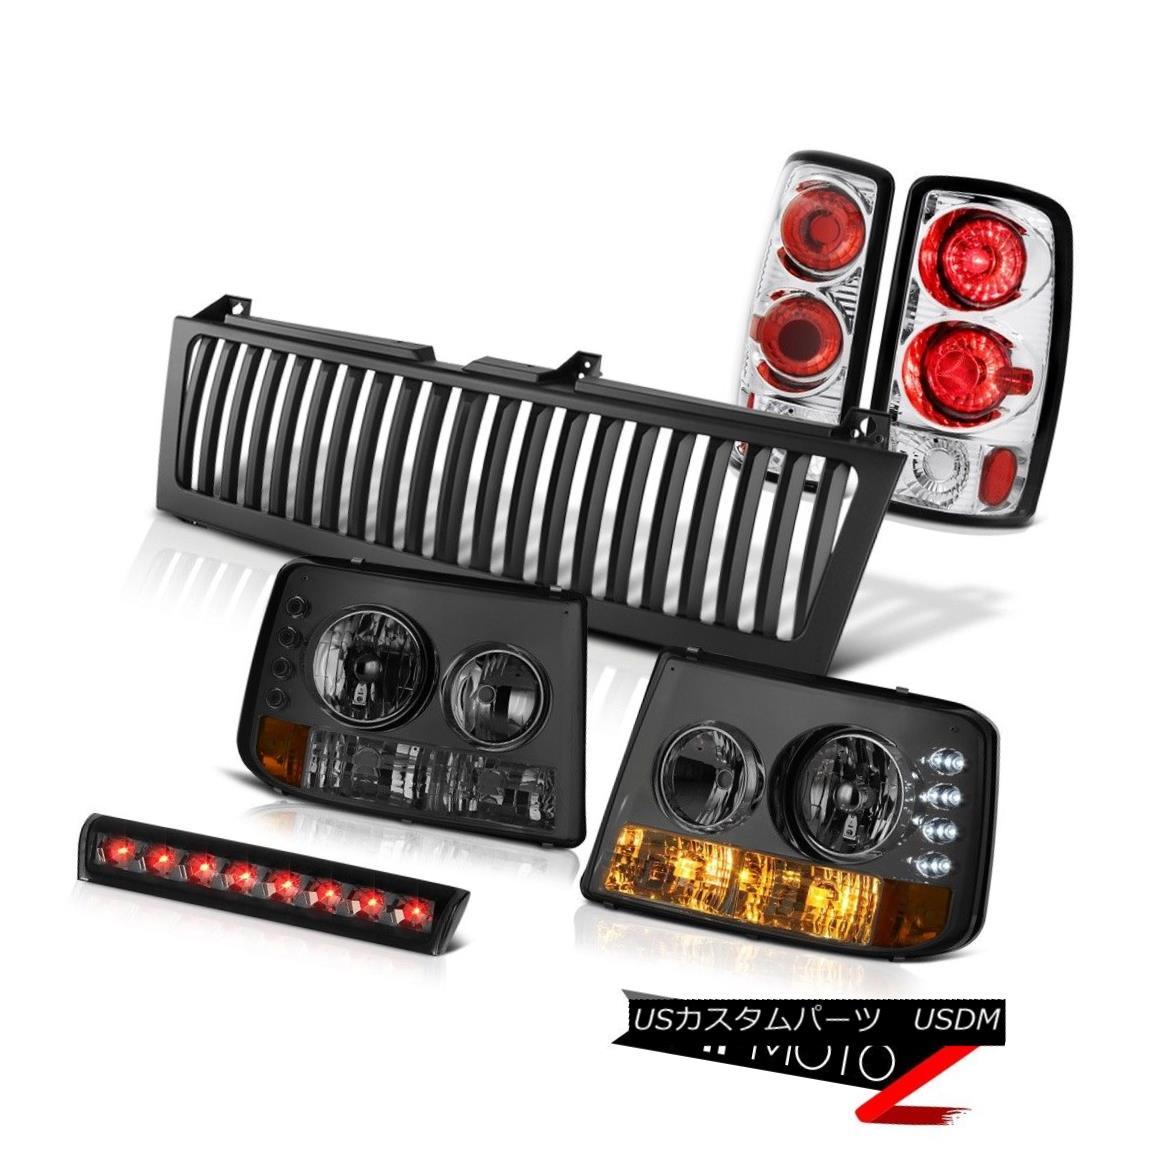 テールライト 04 05 06 Suburban LT Headlight Rear Brake Lamps High Stop LED Smoke Black Grille 04 05 06郊外のLTヘッドライトリアブレーキランプハイストップLEDスモークブラックグリル